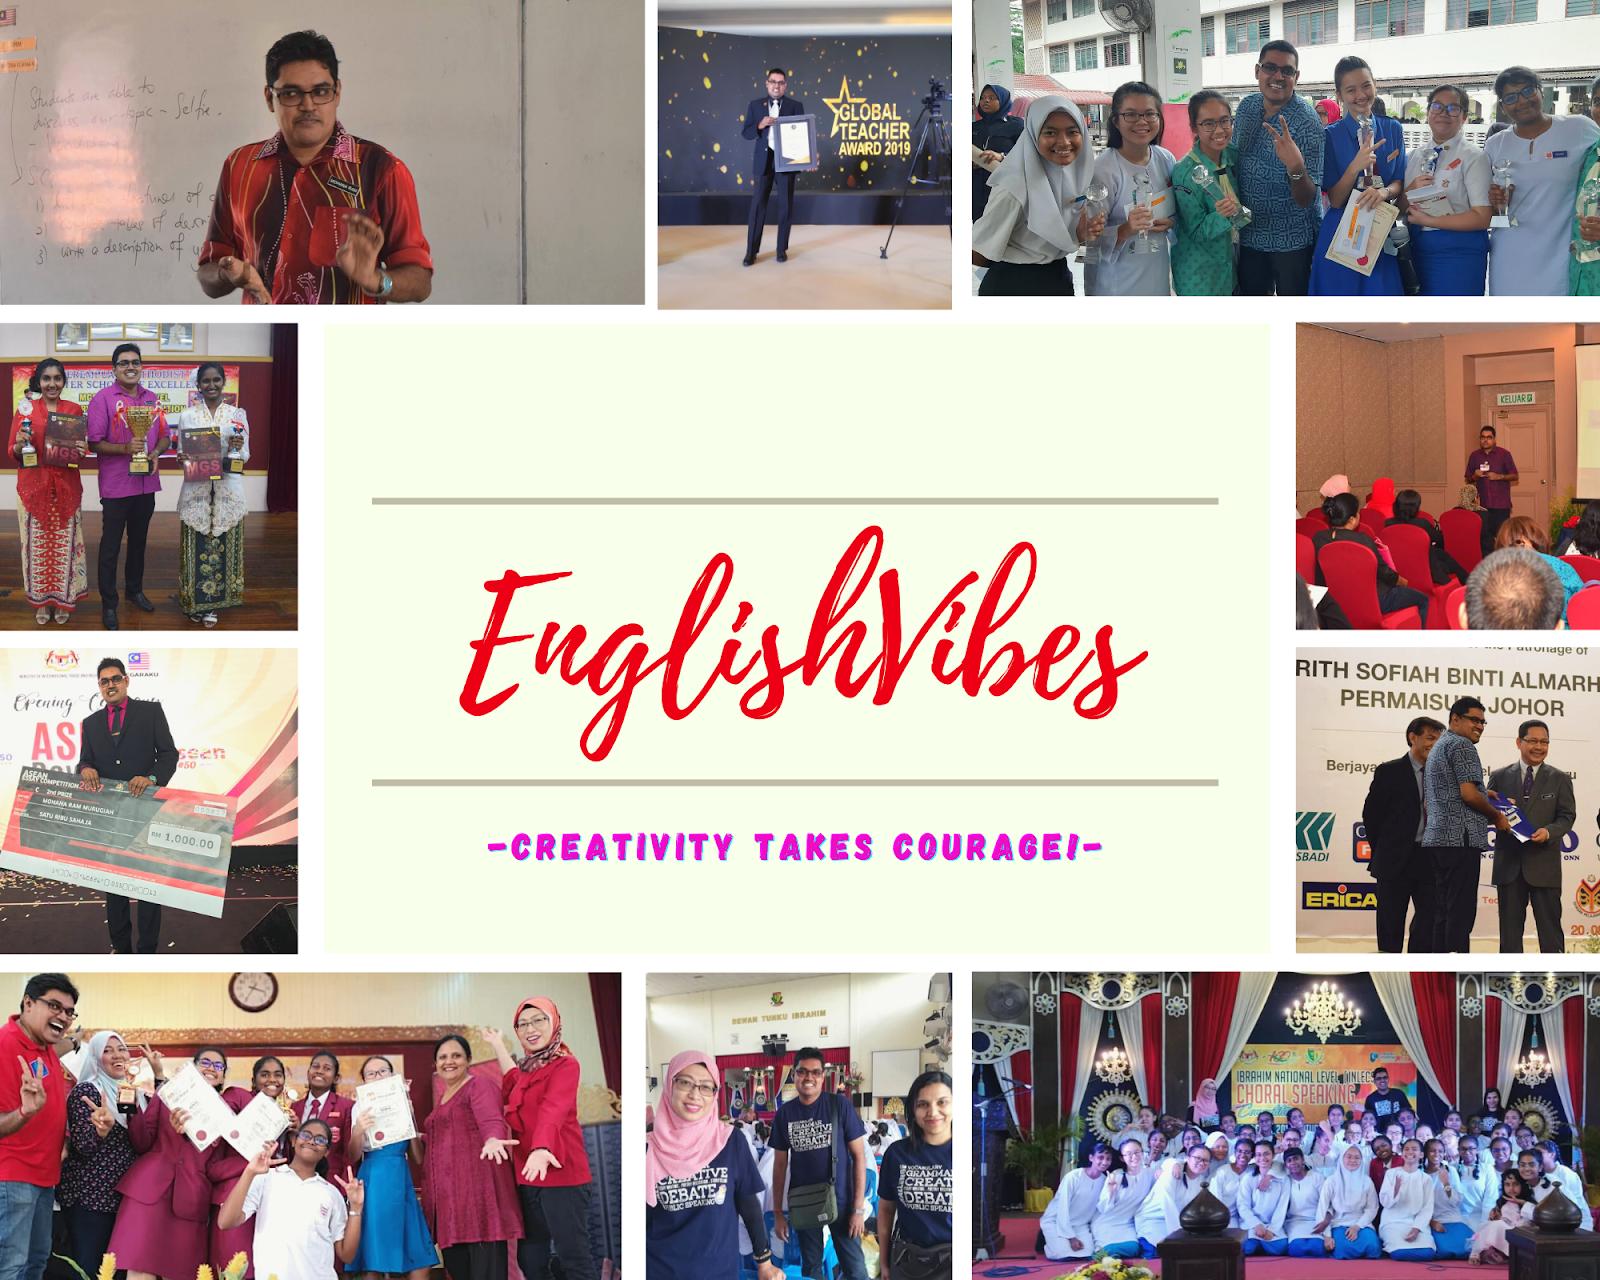 ENGLISH VIBES